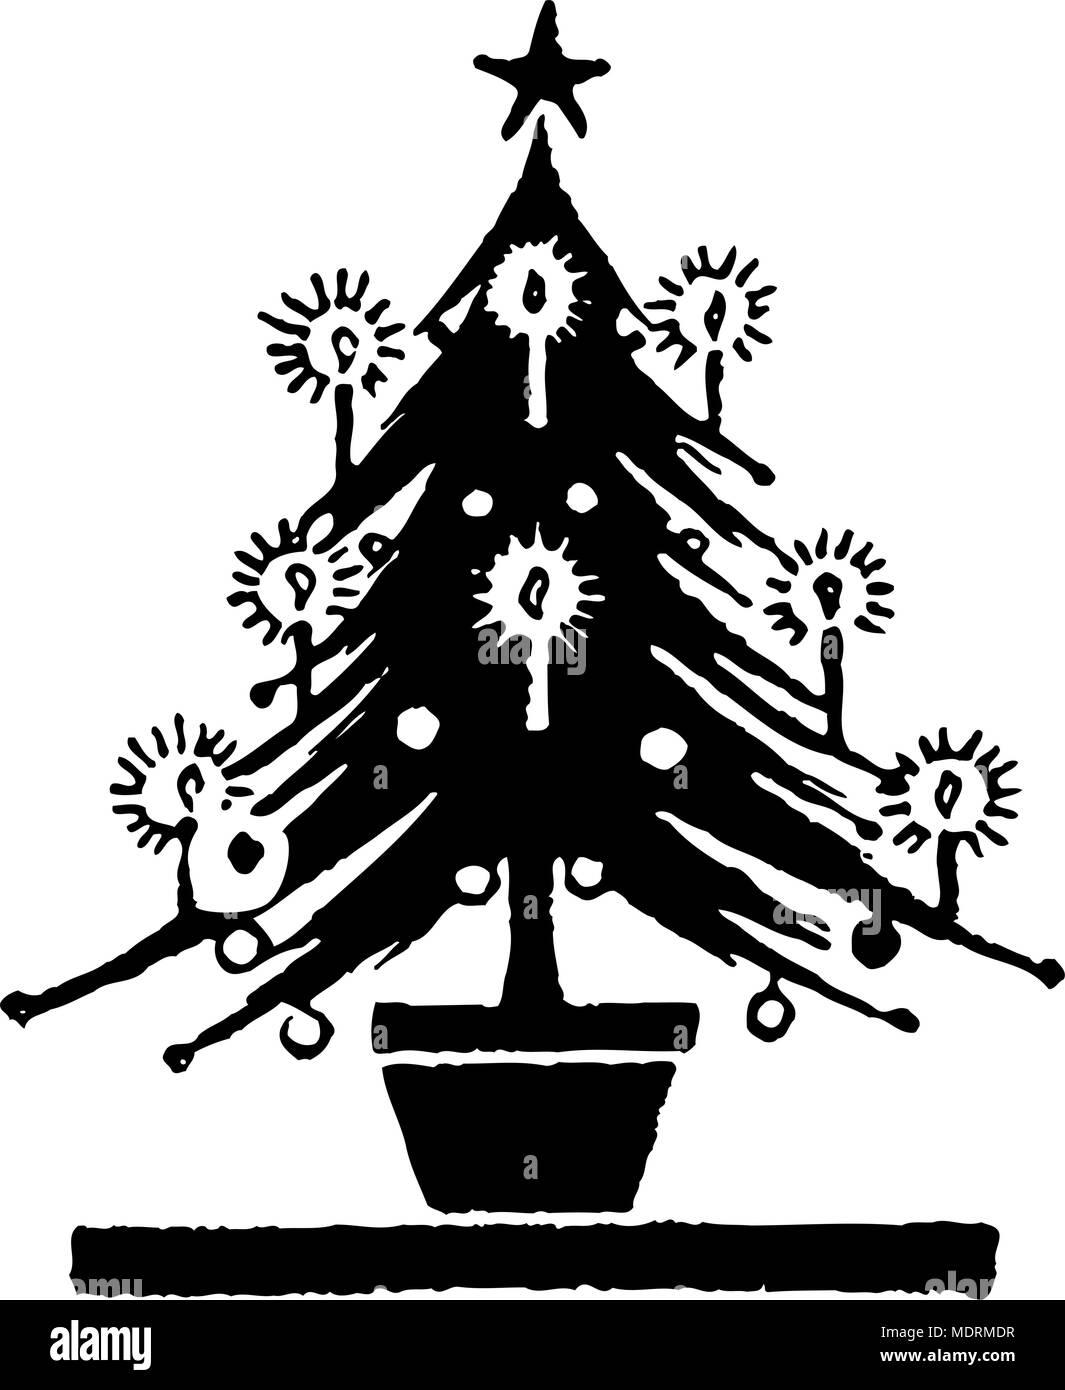 Weihnachtsbaum Retro Clipart Illustration Vektor Abbildung Bild